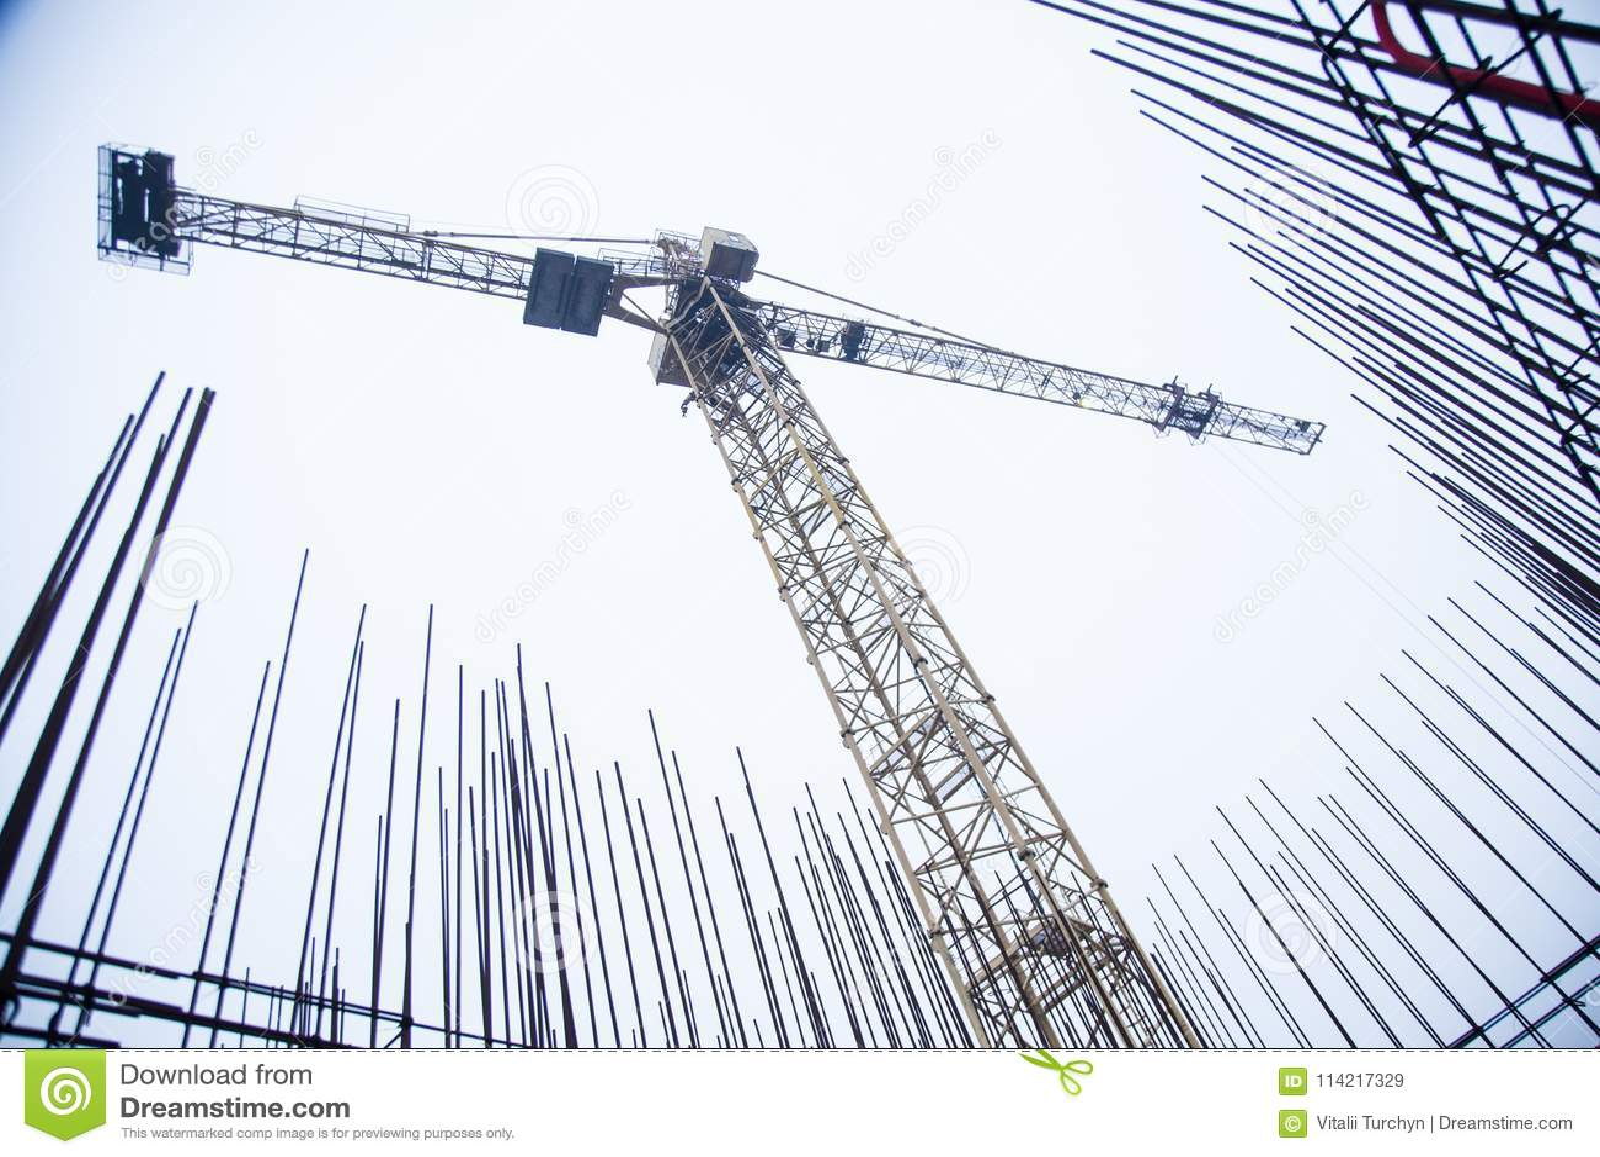 Concrete pijlers op industriële bouwwerf De bouw van wolkenkrabber met kraan, hulpmiddelen en versterkte staalbars